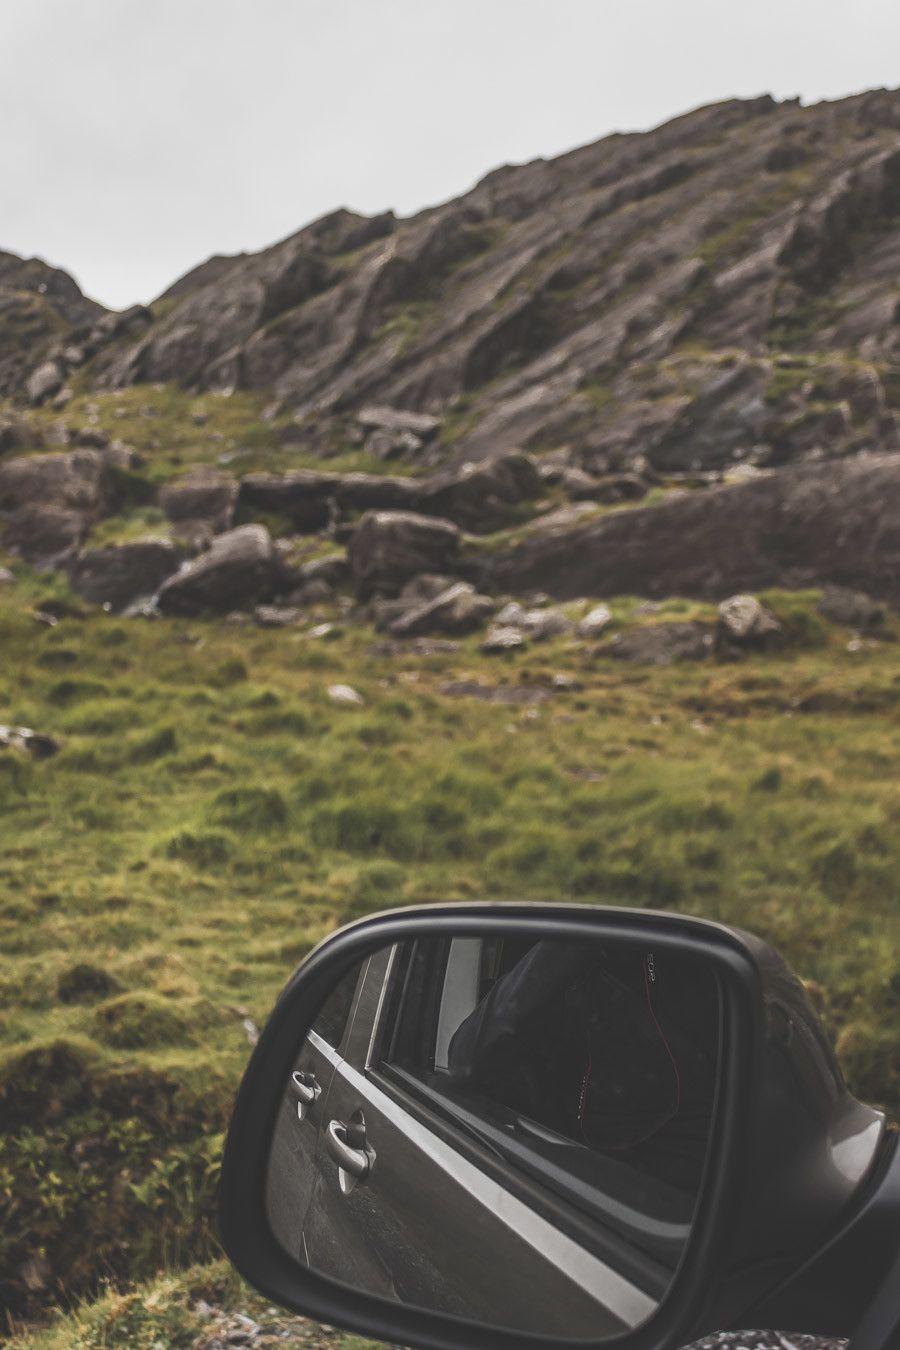 vue sur les paysages dans le retro en irlande